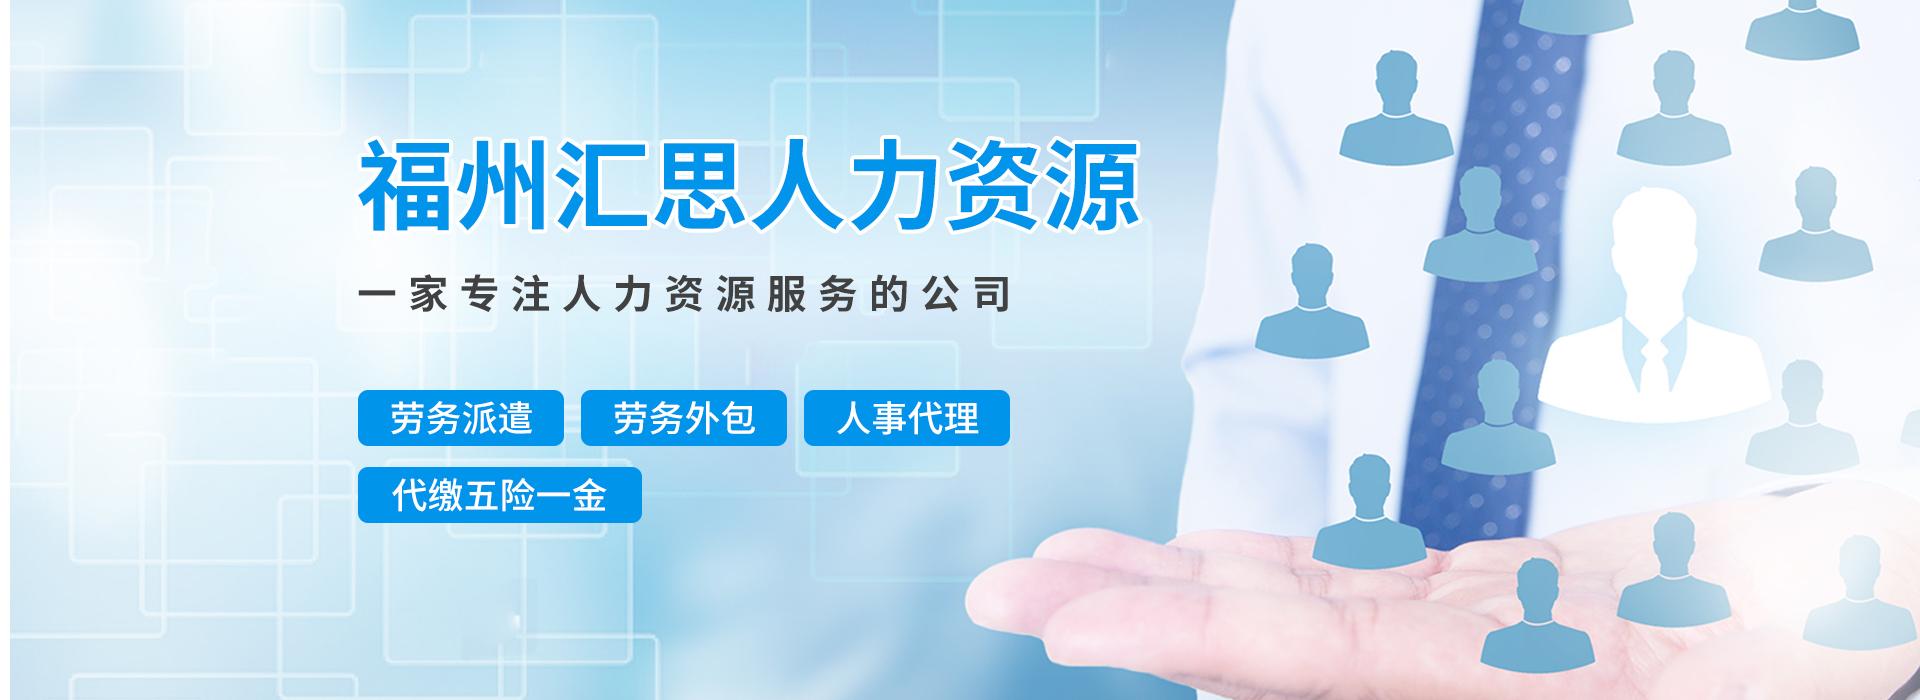 福州勞務派遣,福州勞務外包,福州人事代理